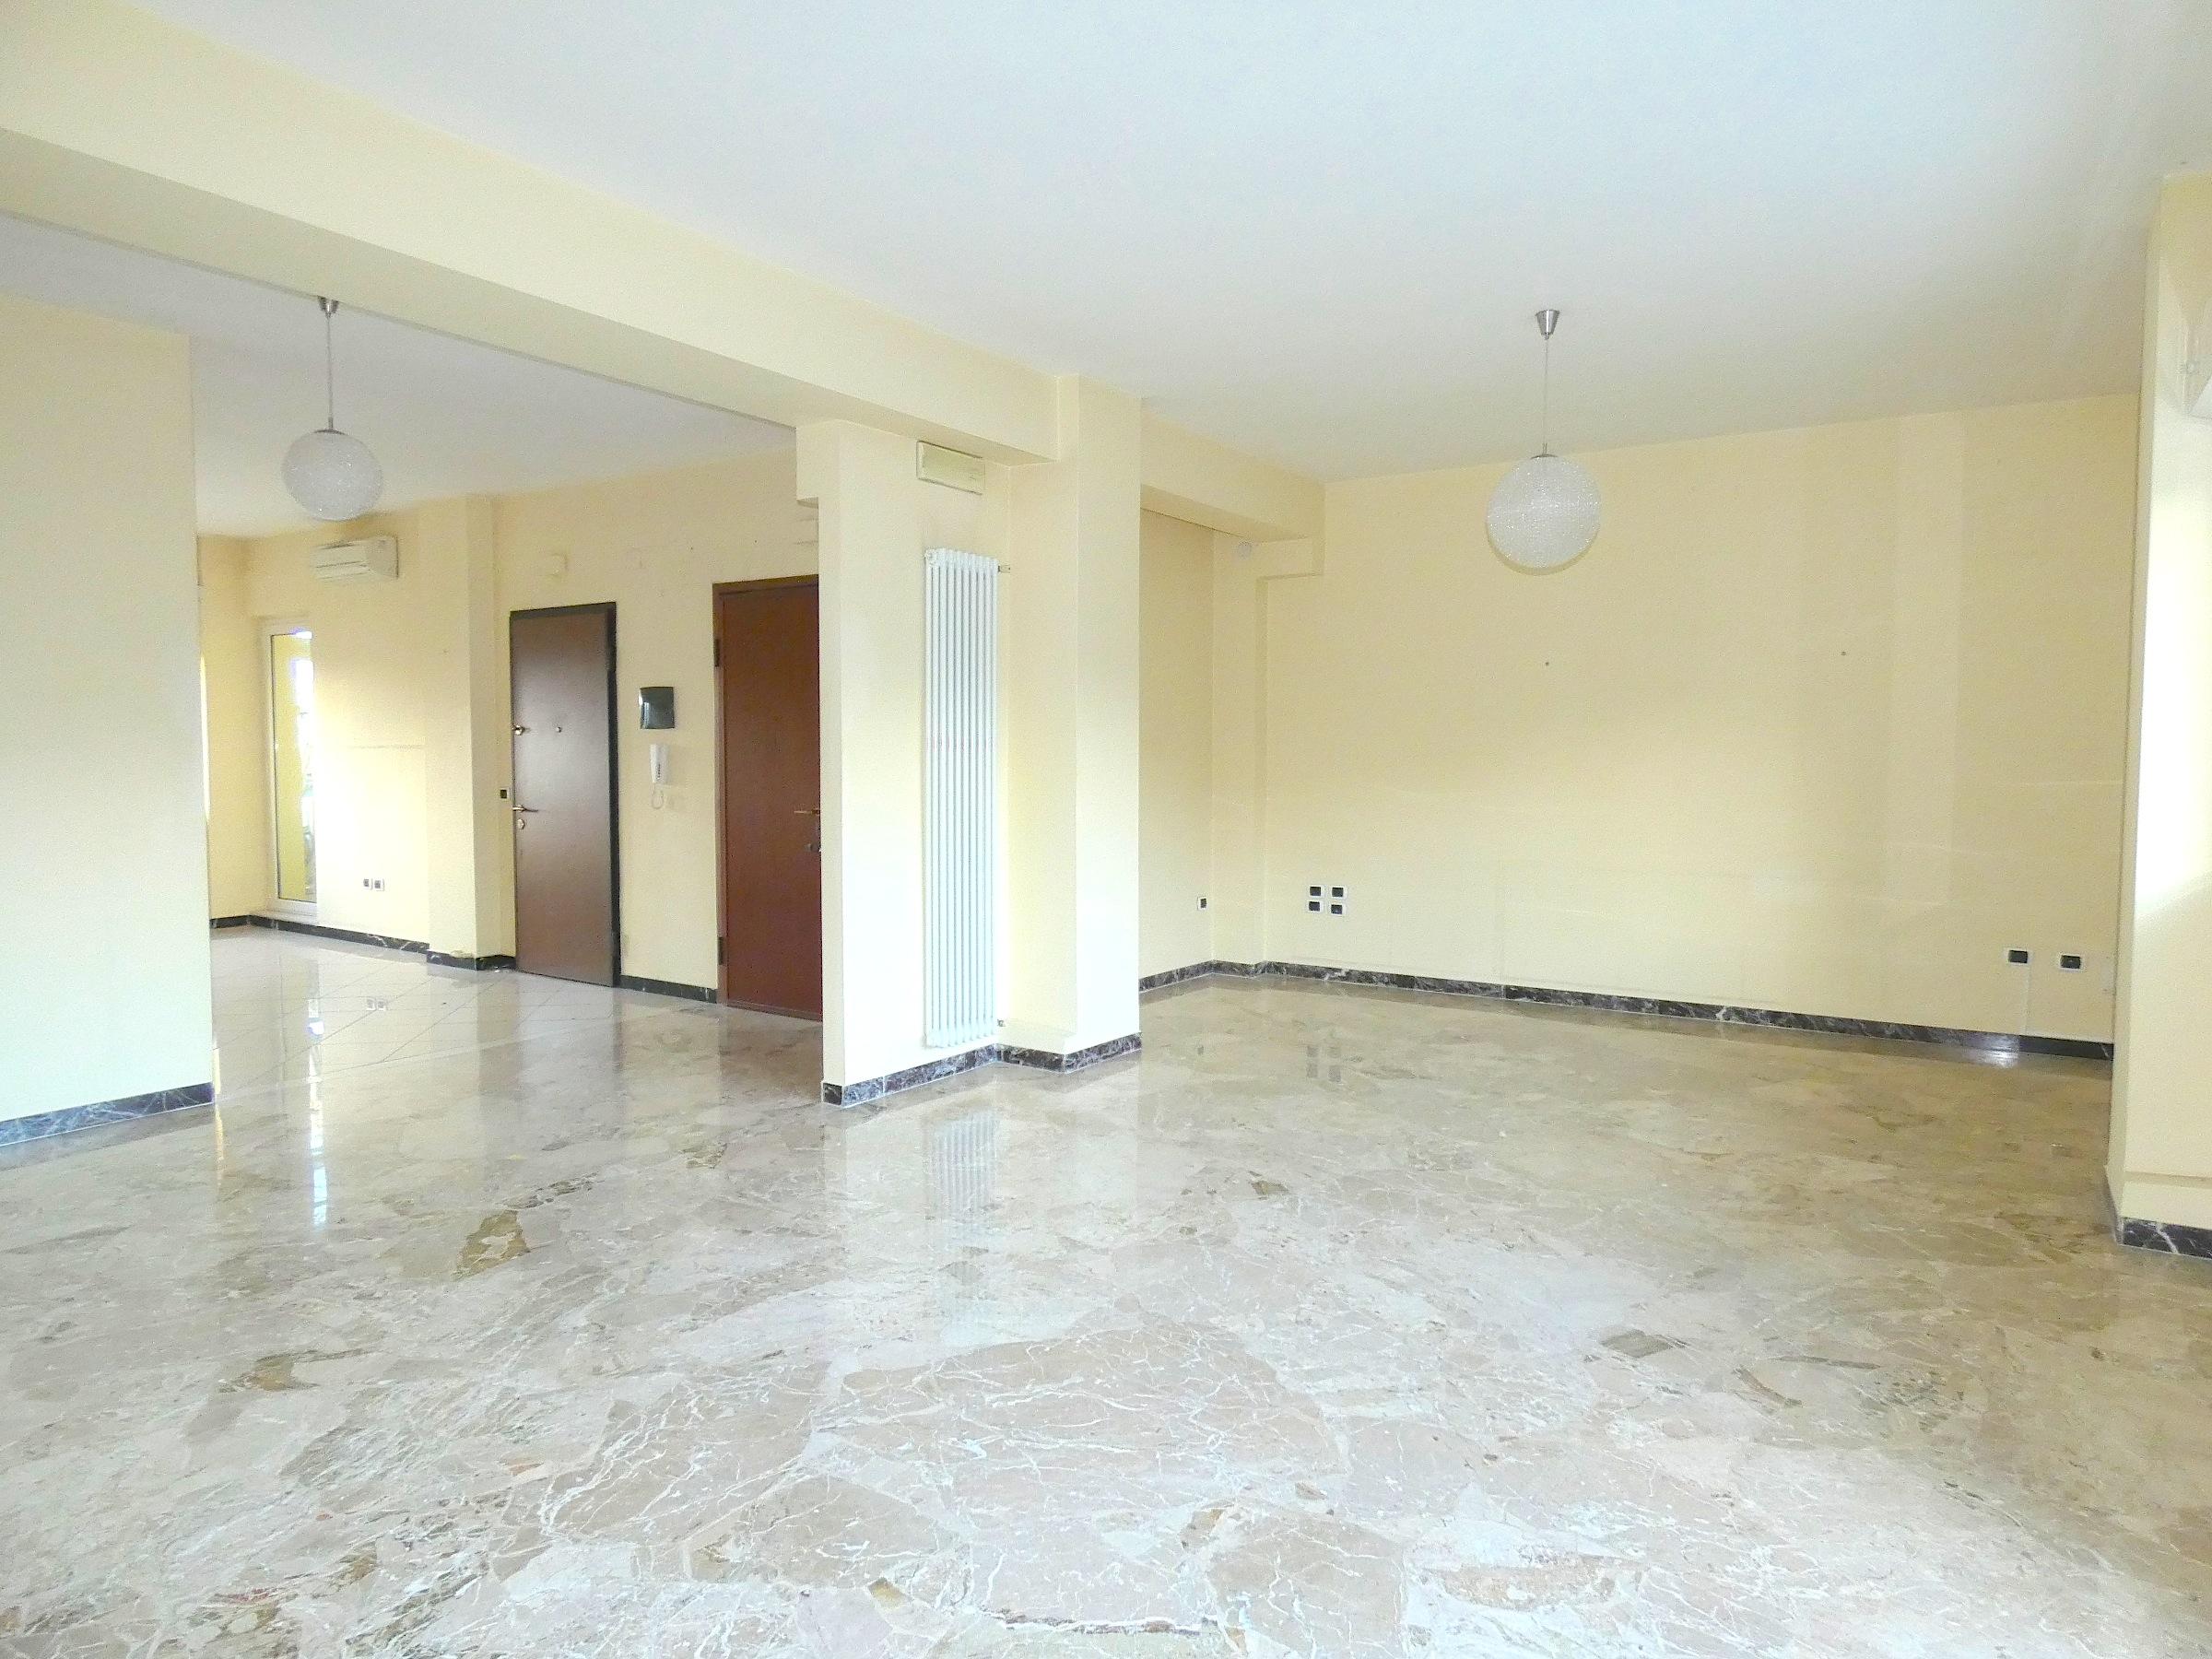 RICCIONE VIALE CECCARINI, Appartamento in vendita  ampia metratura